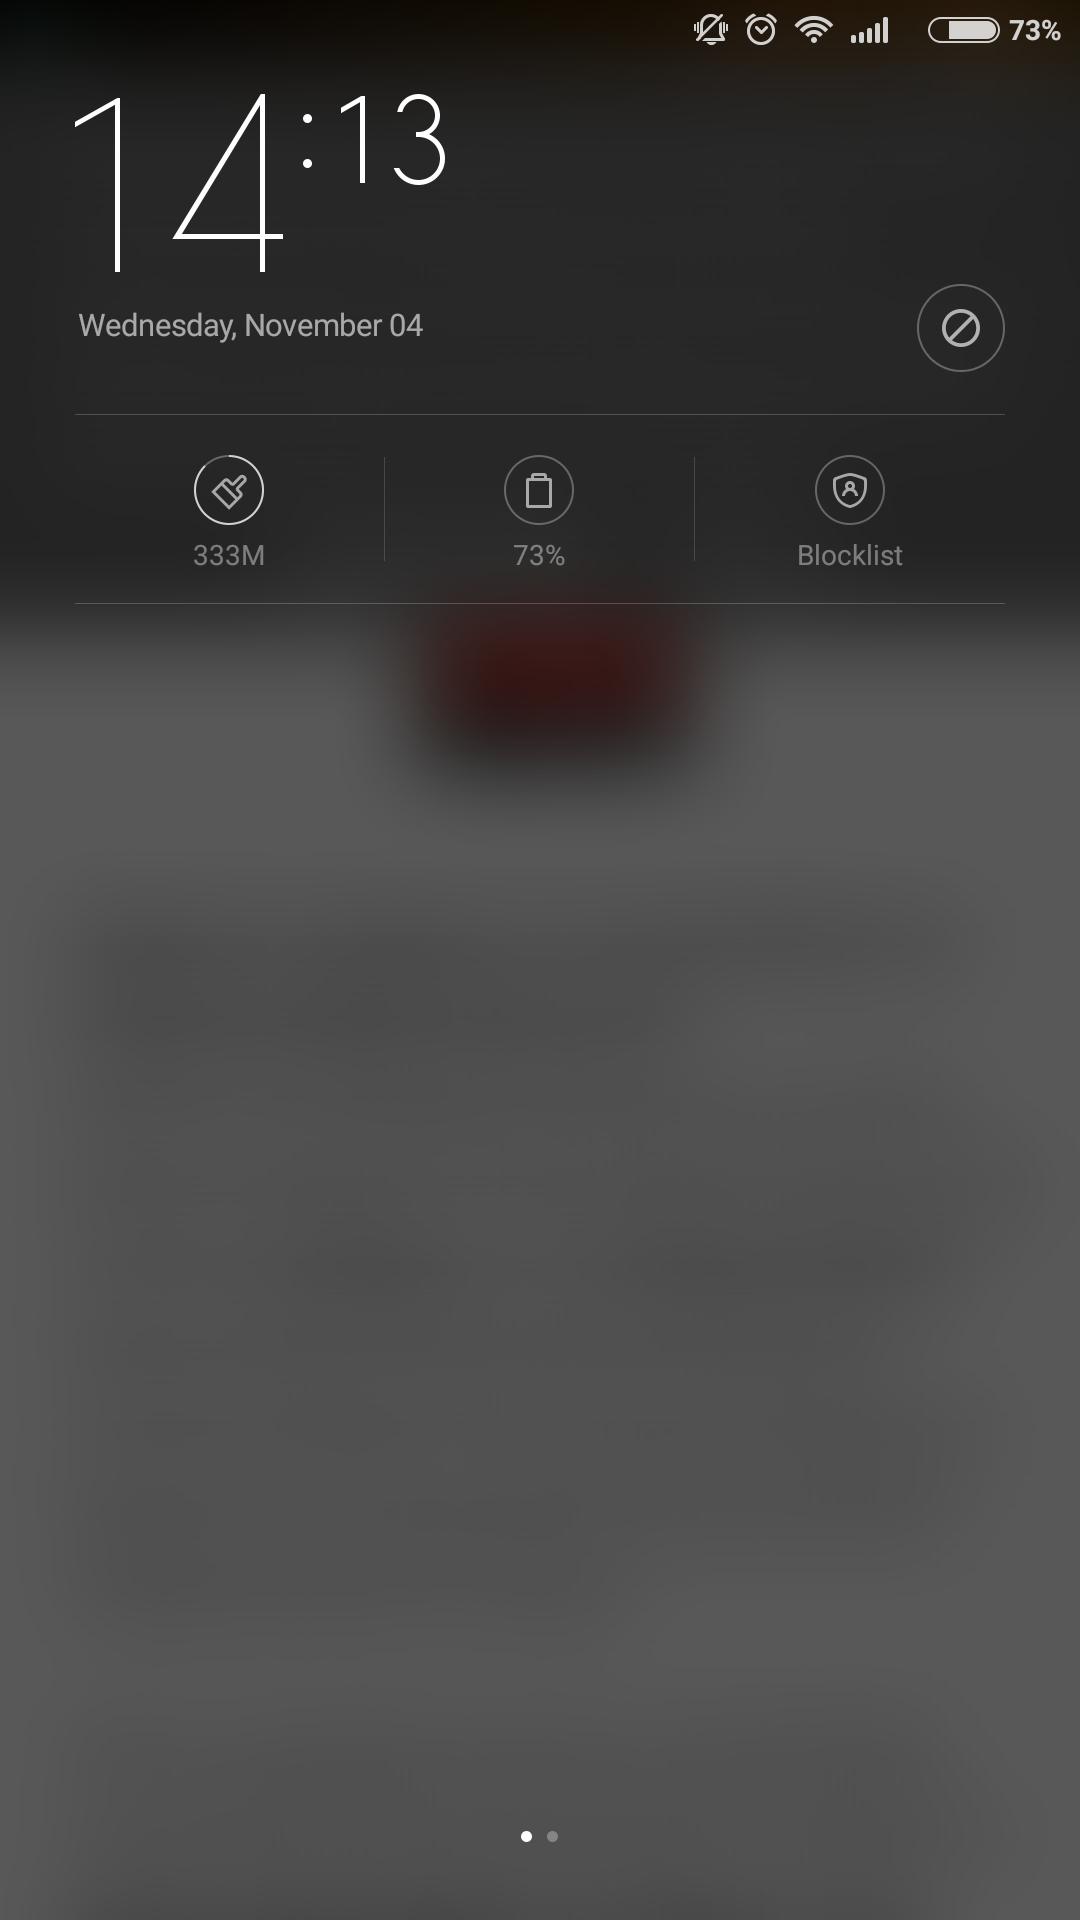 Screenshot_2015-11-04-14-13-41_com.android.chrome.png